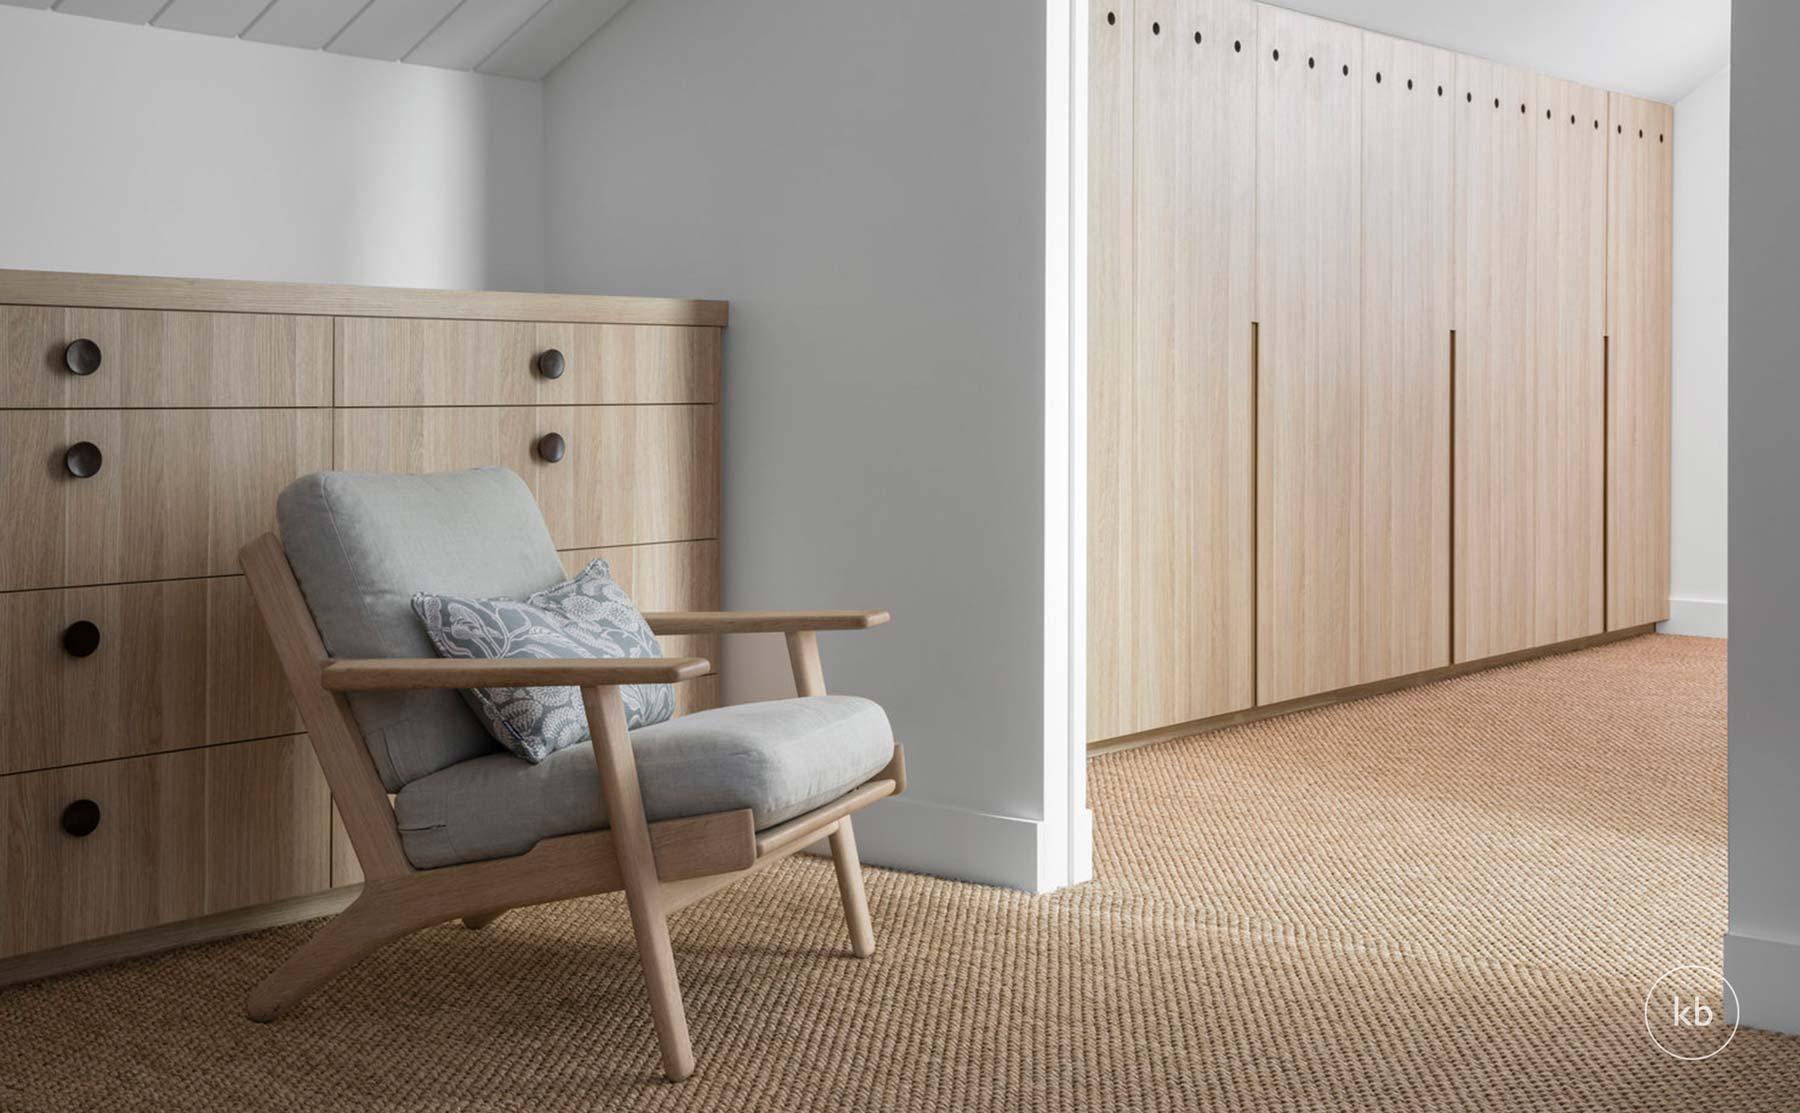 ©-Kate-Bell-Interiors-Spaces-Bedroom-013.jpg